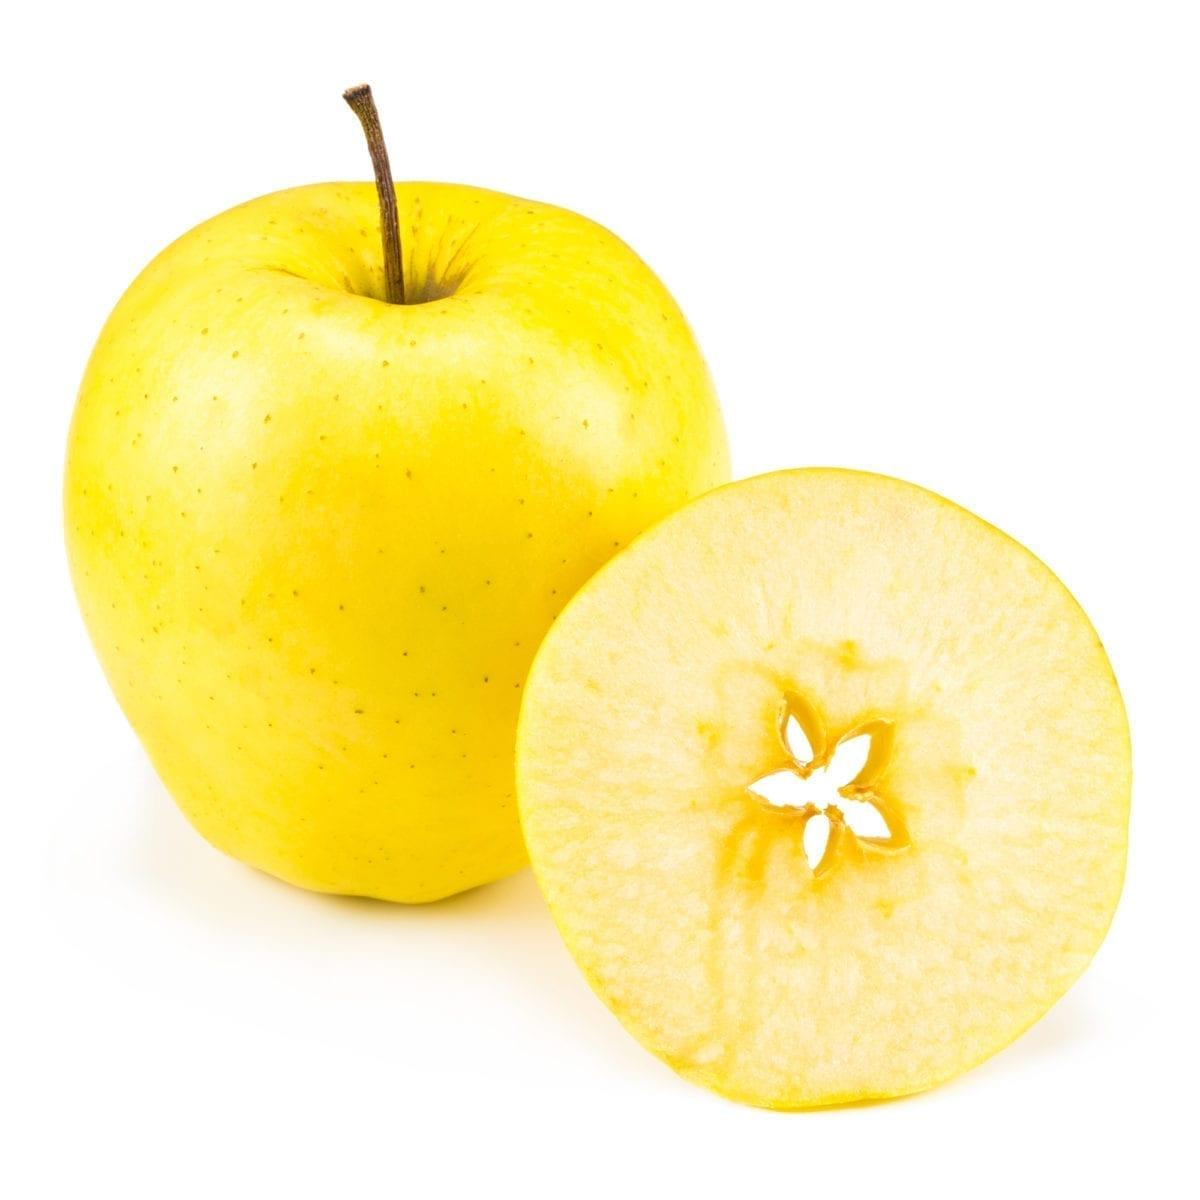 boskoopsefruitbomen | Appelboom Gold Sensation